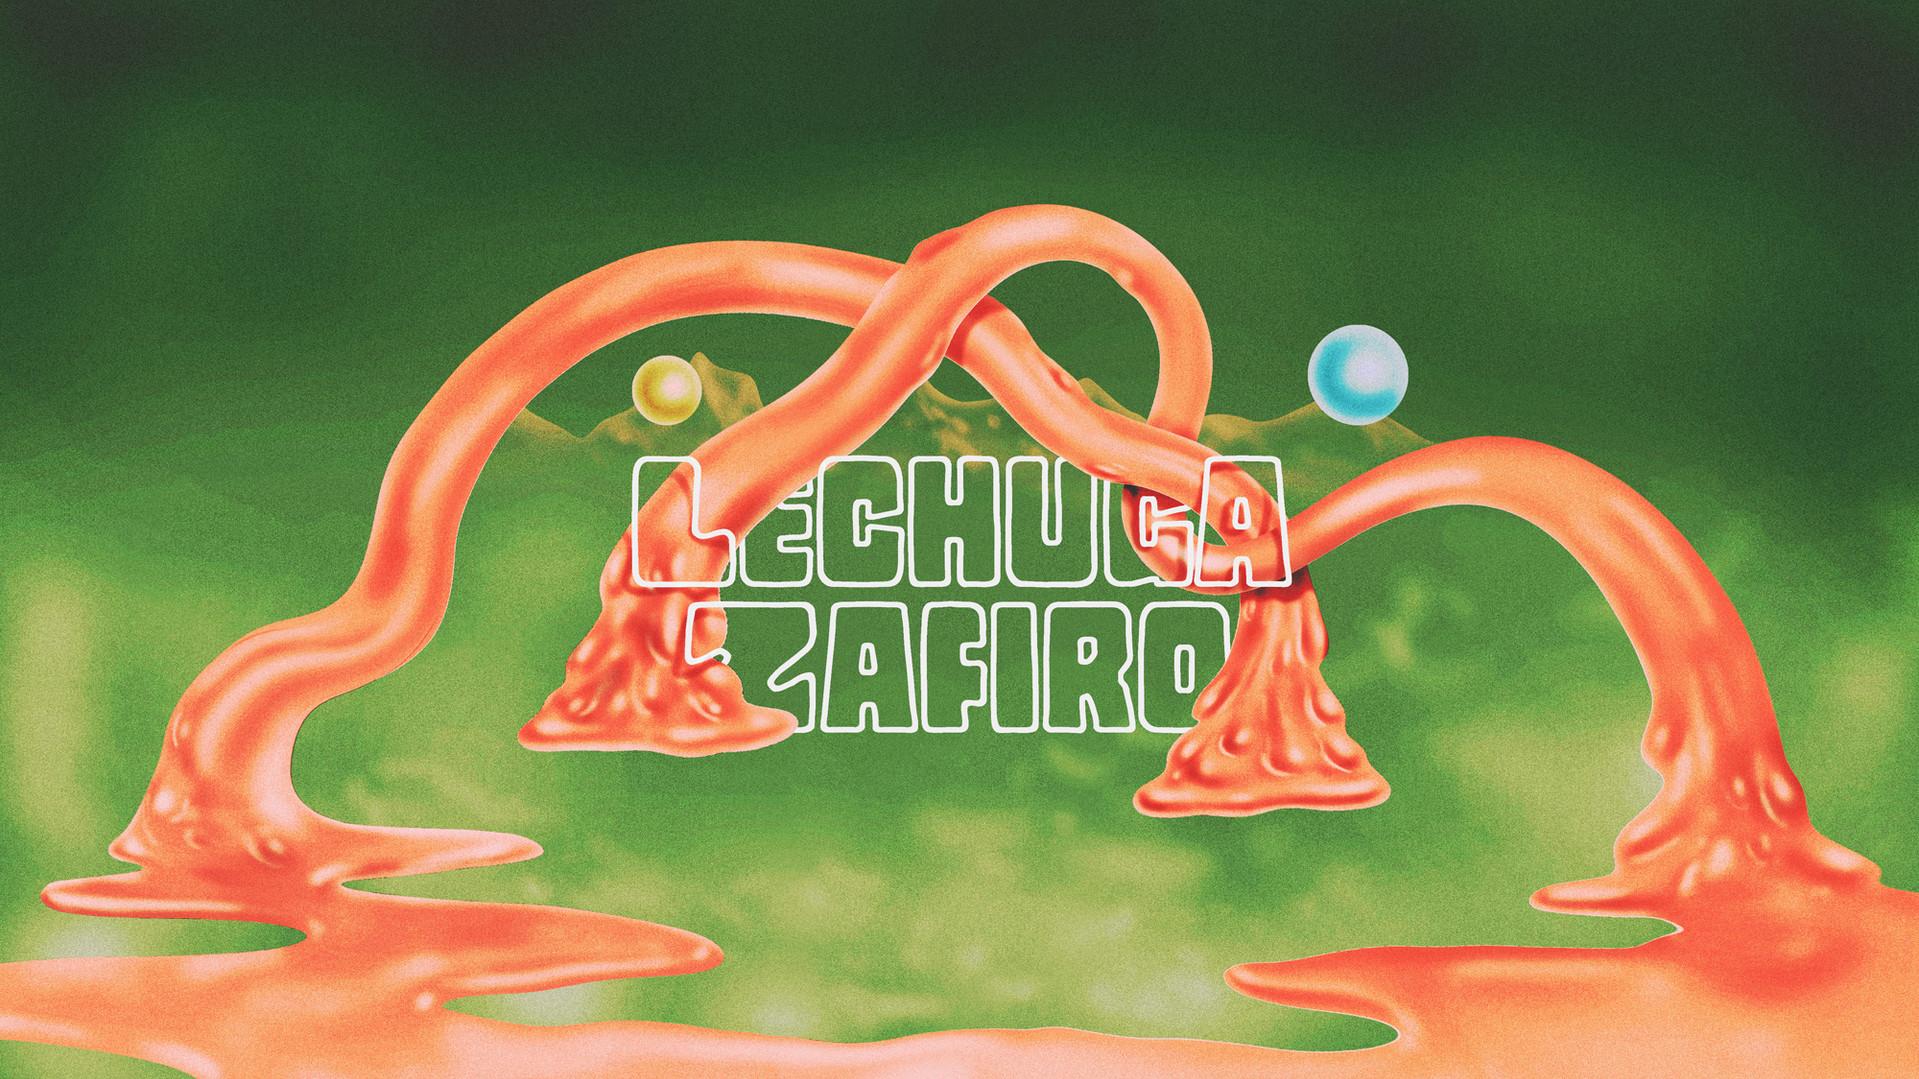 Lechuga Zafiro